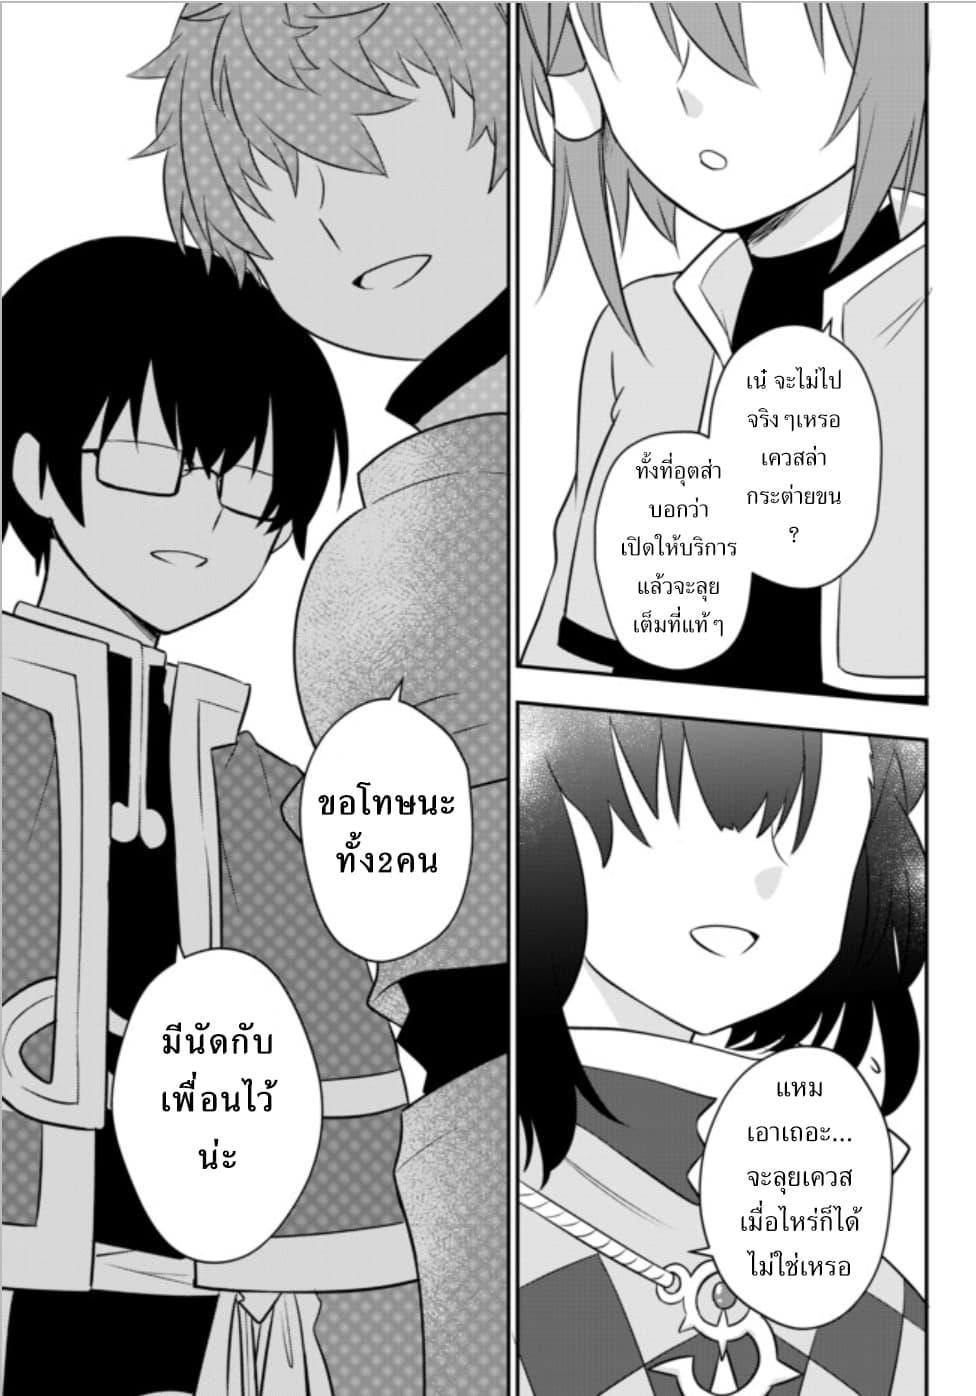 Bishoujo ni Natta kedo, Netoge Haijin Yattemasu-ตอนที่ 7.1